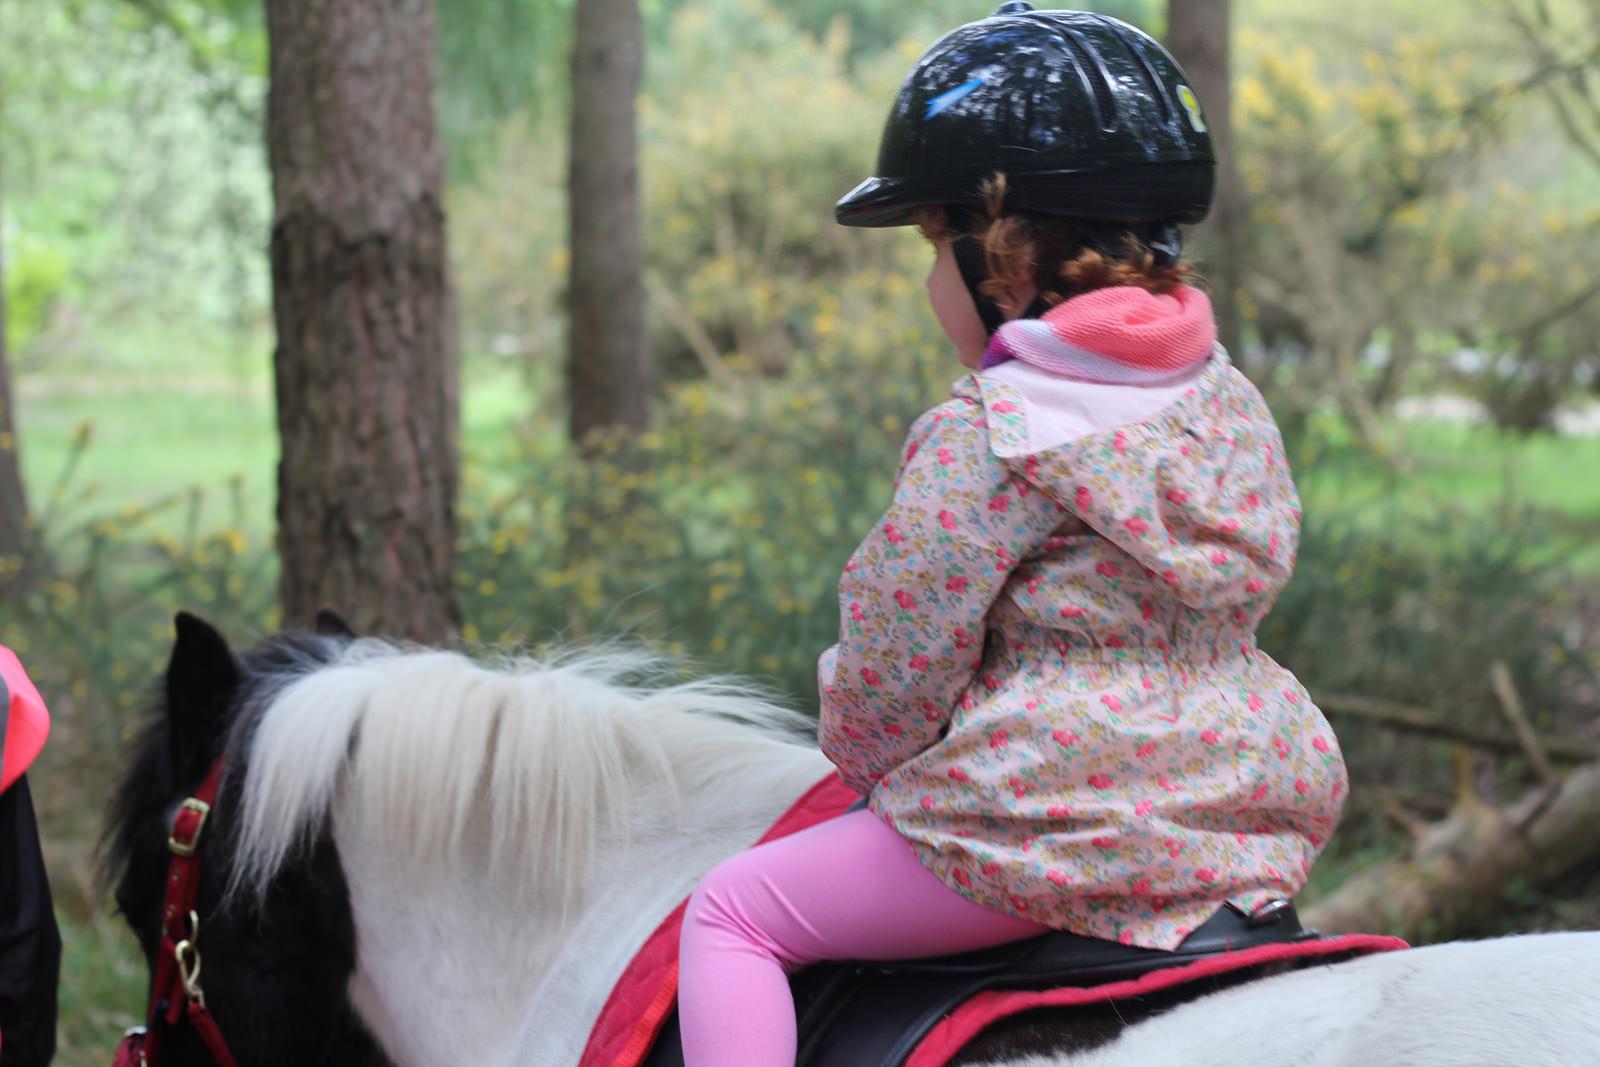 horse-riding-clothing